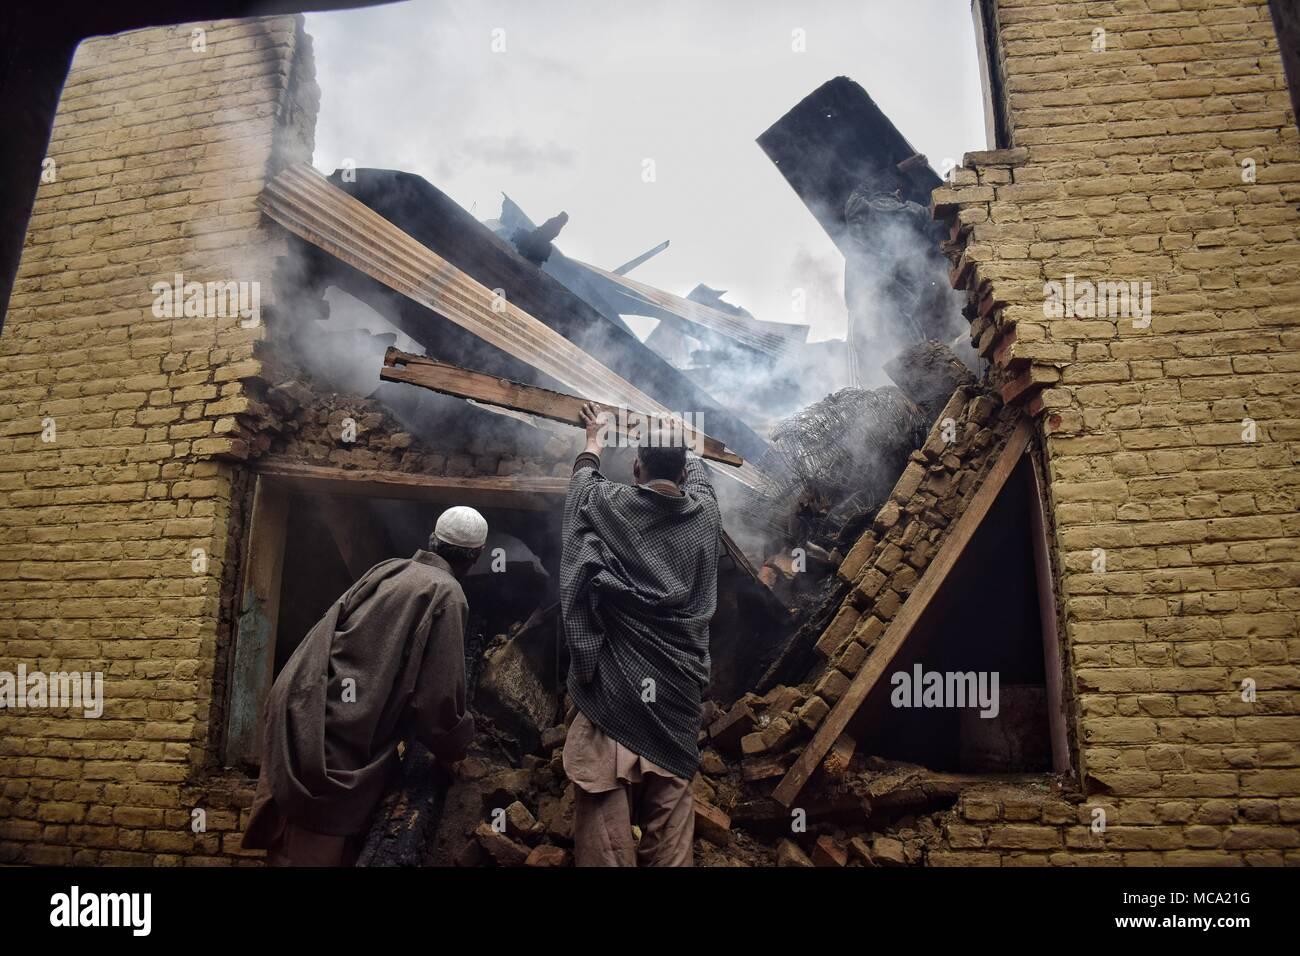 Einheimische clearing brennenden Sachen von Häusern, die von indischen Truppen in einem Khudwani Gunbattle im Bereich des South Kaschmir Bezirk Kulgam am 11. April 2018 zerstört wurden. Vier Zivilisten und 1 Armee Mann wurden getötet und über 150 Zivilisten wurden bei Auseinandersetzungen während der Begegnung verletzt Stockbild